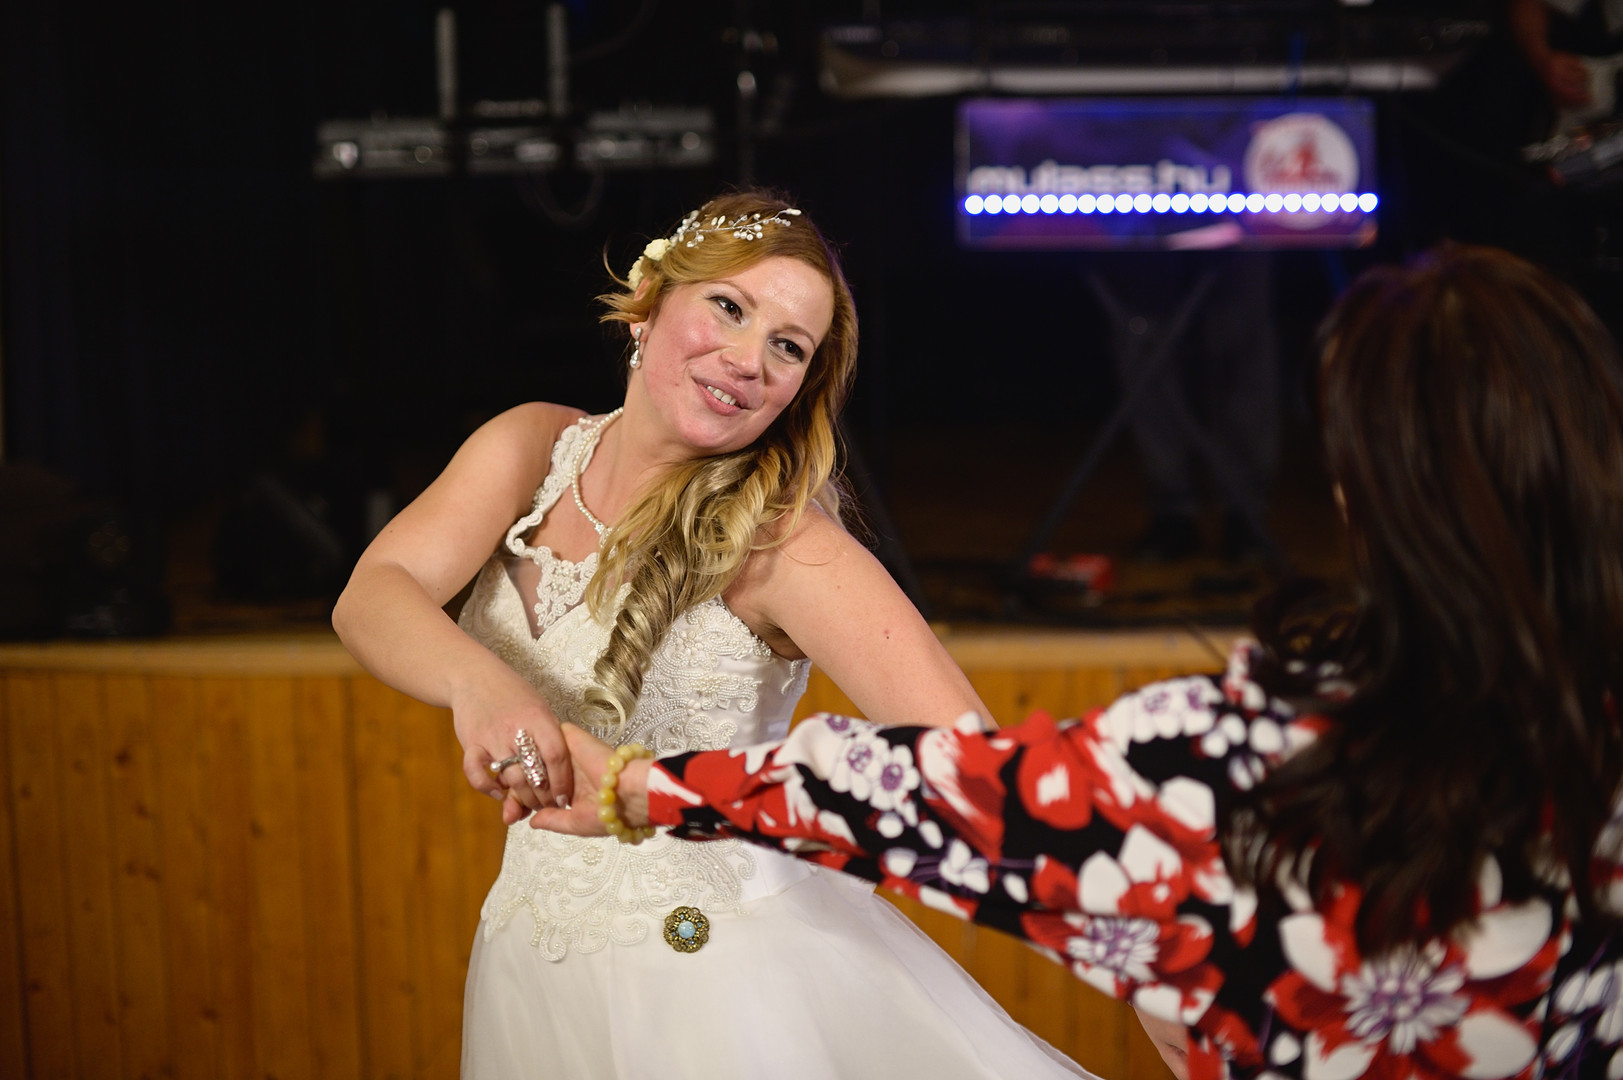 718  Esküvői fotózás - Enikő és Peti Bul